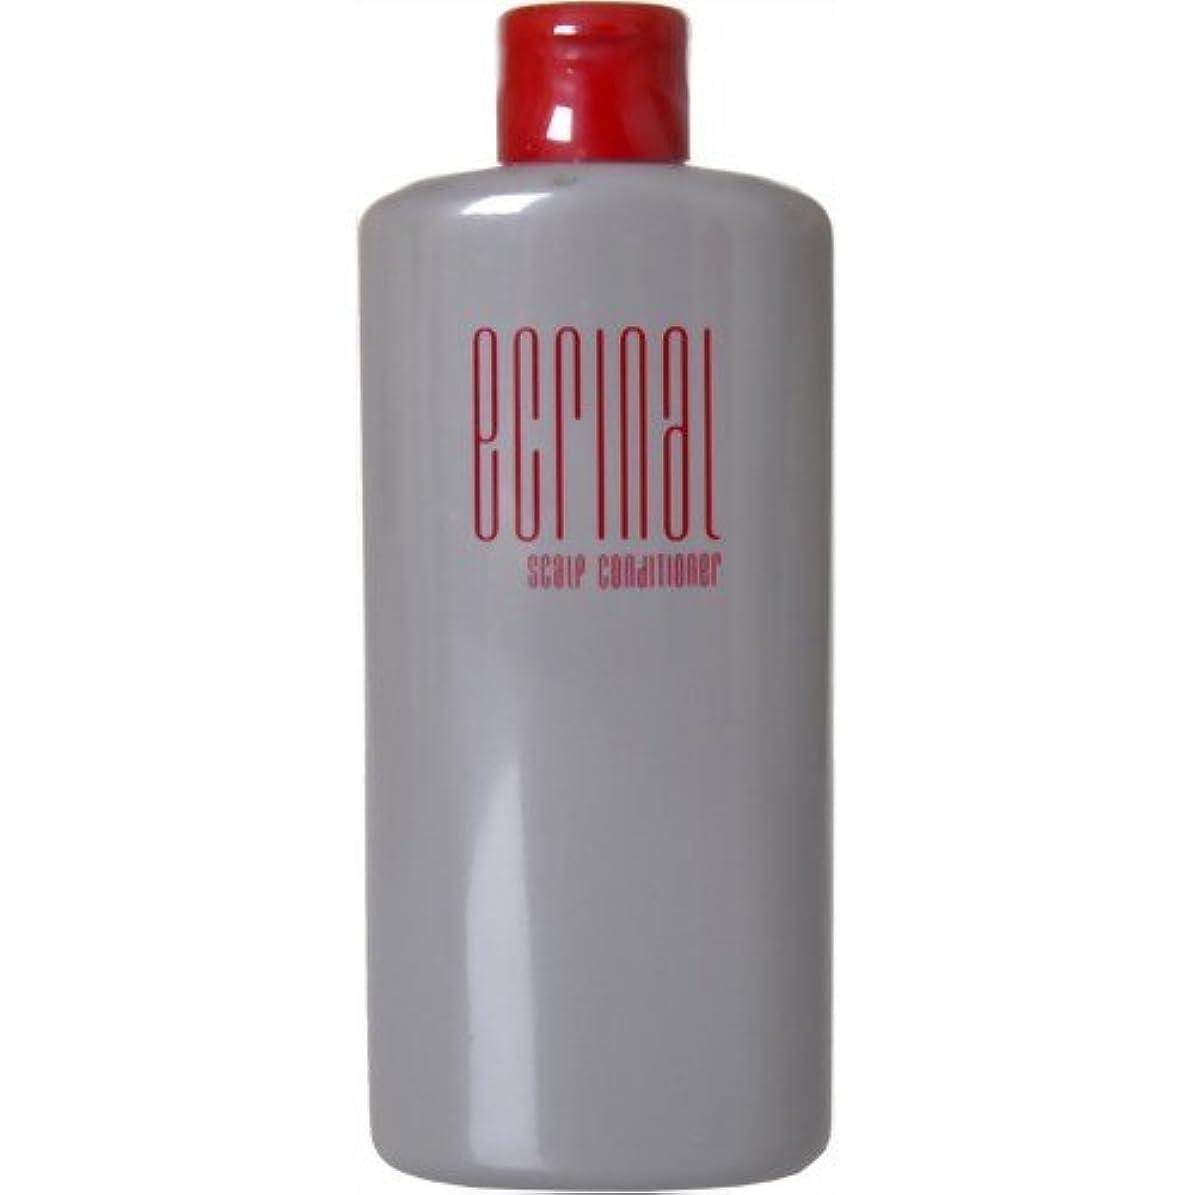 ラック冷蔵する可能性デミ化粧品 エクリナール スキャルプコンディショナー 容量300ml